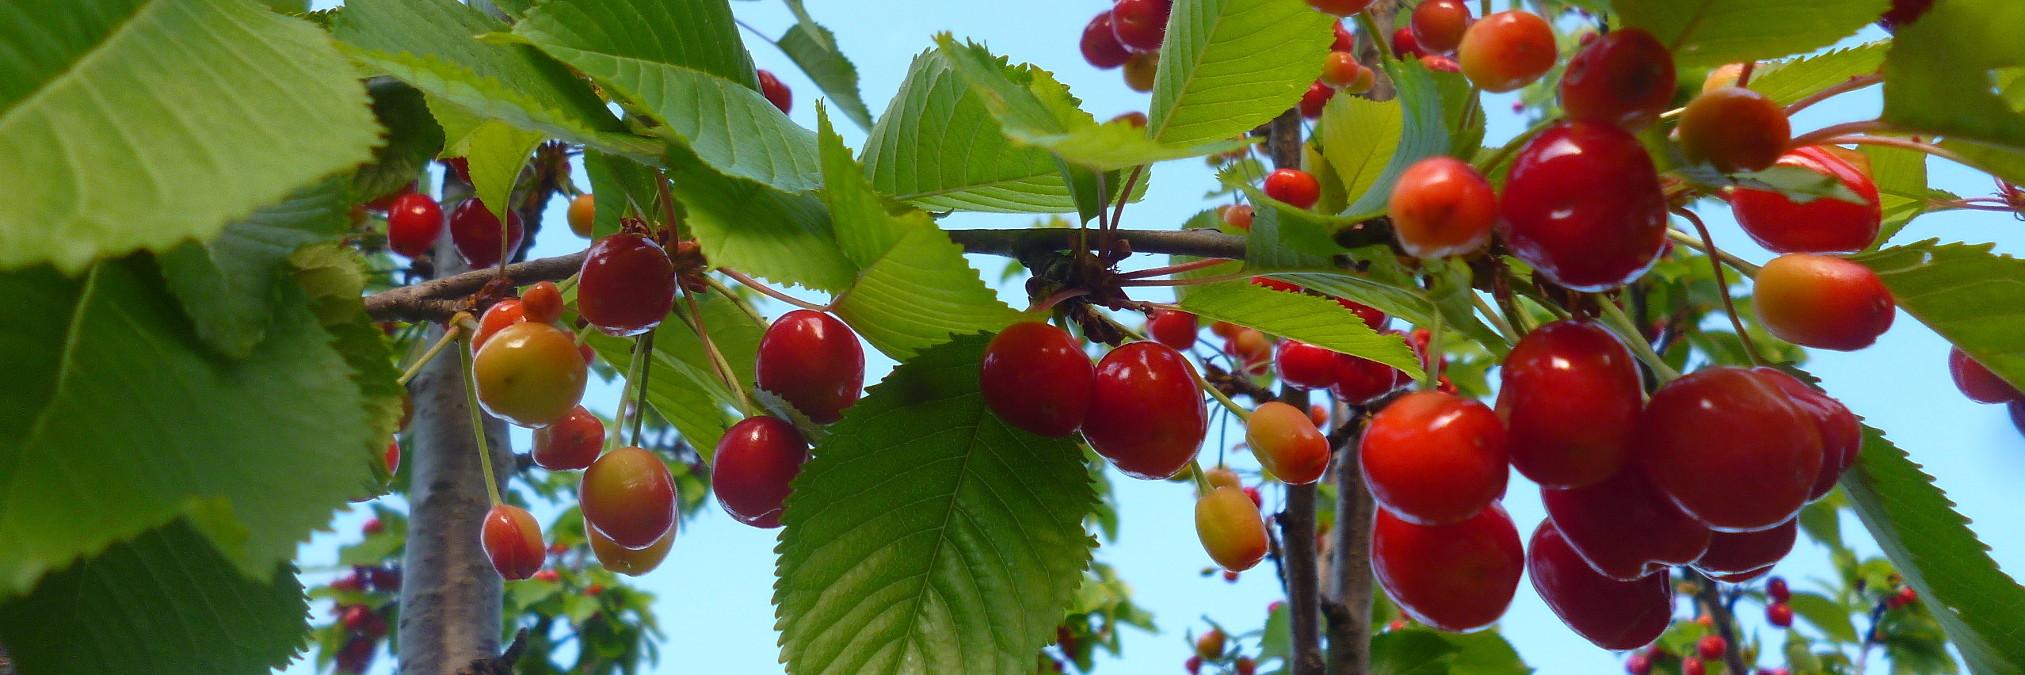 Фрукты и ягоды в Боснии и Герцеговине